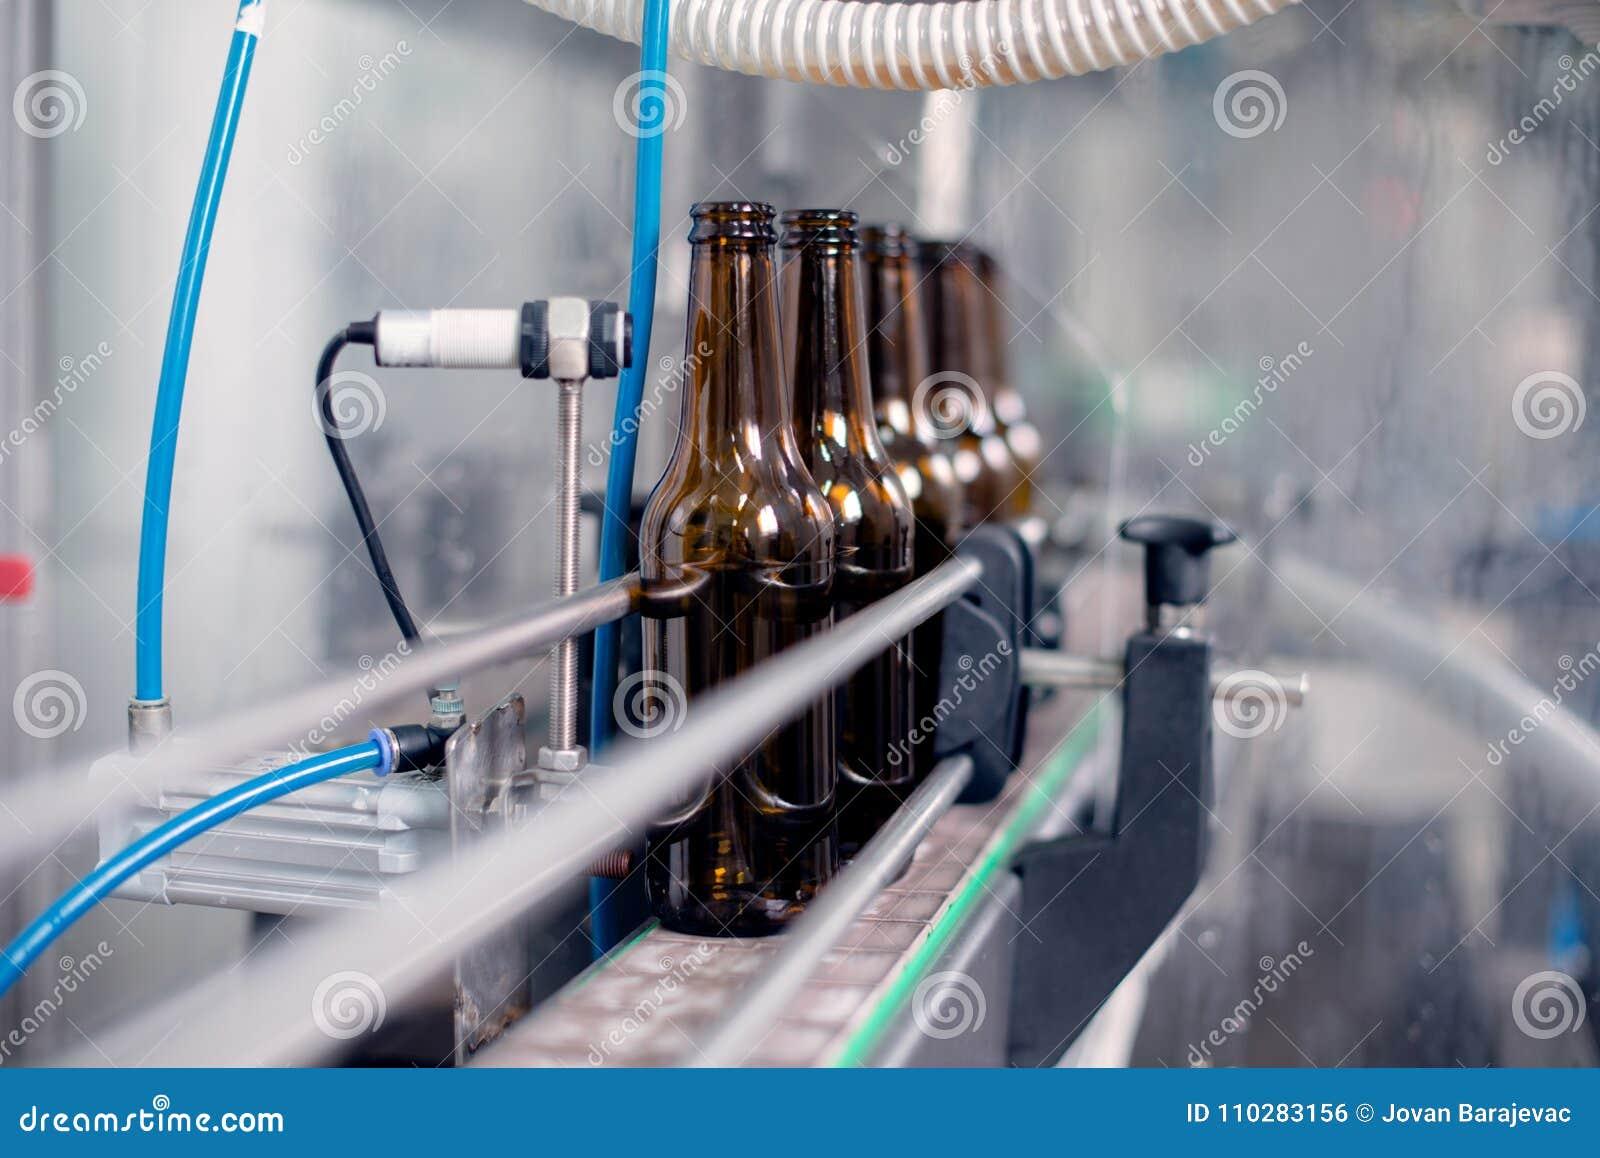 Bierflessen op een rij